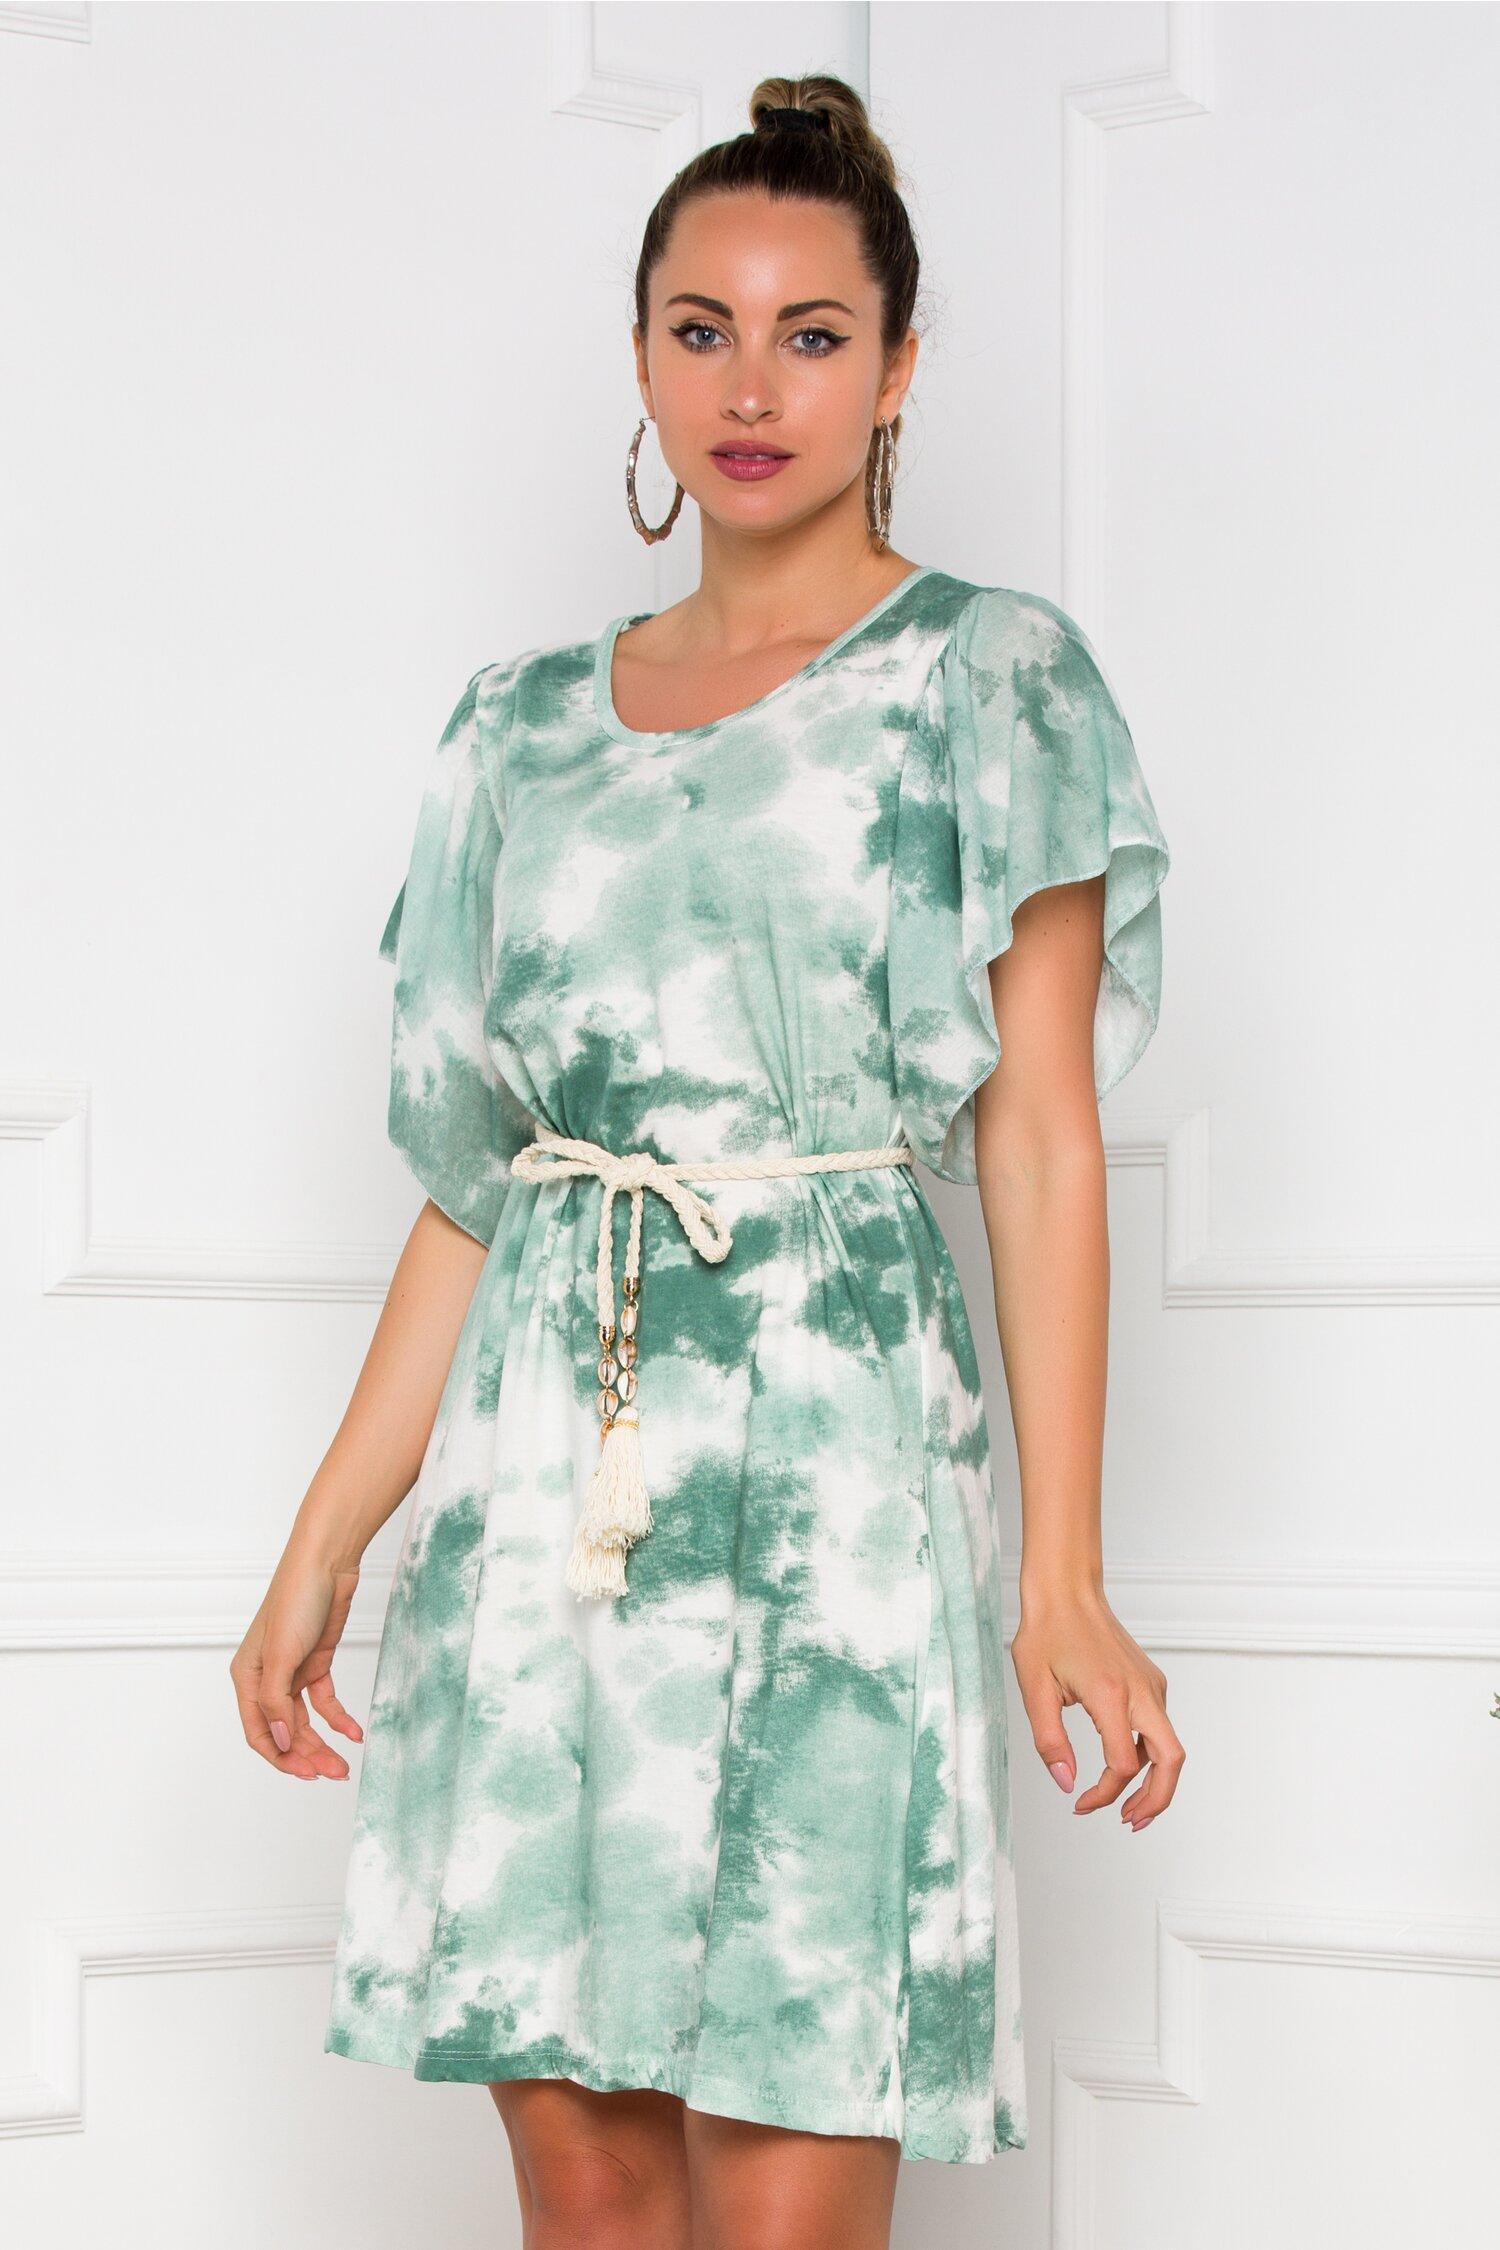 Rochie Tina cu imprimeu tie dye verde pastel